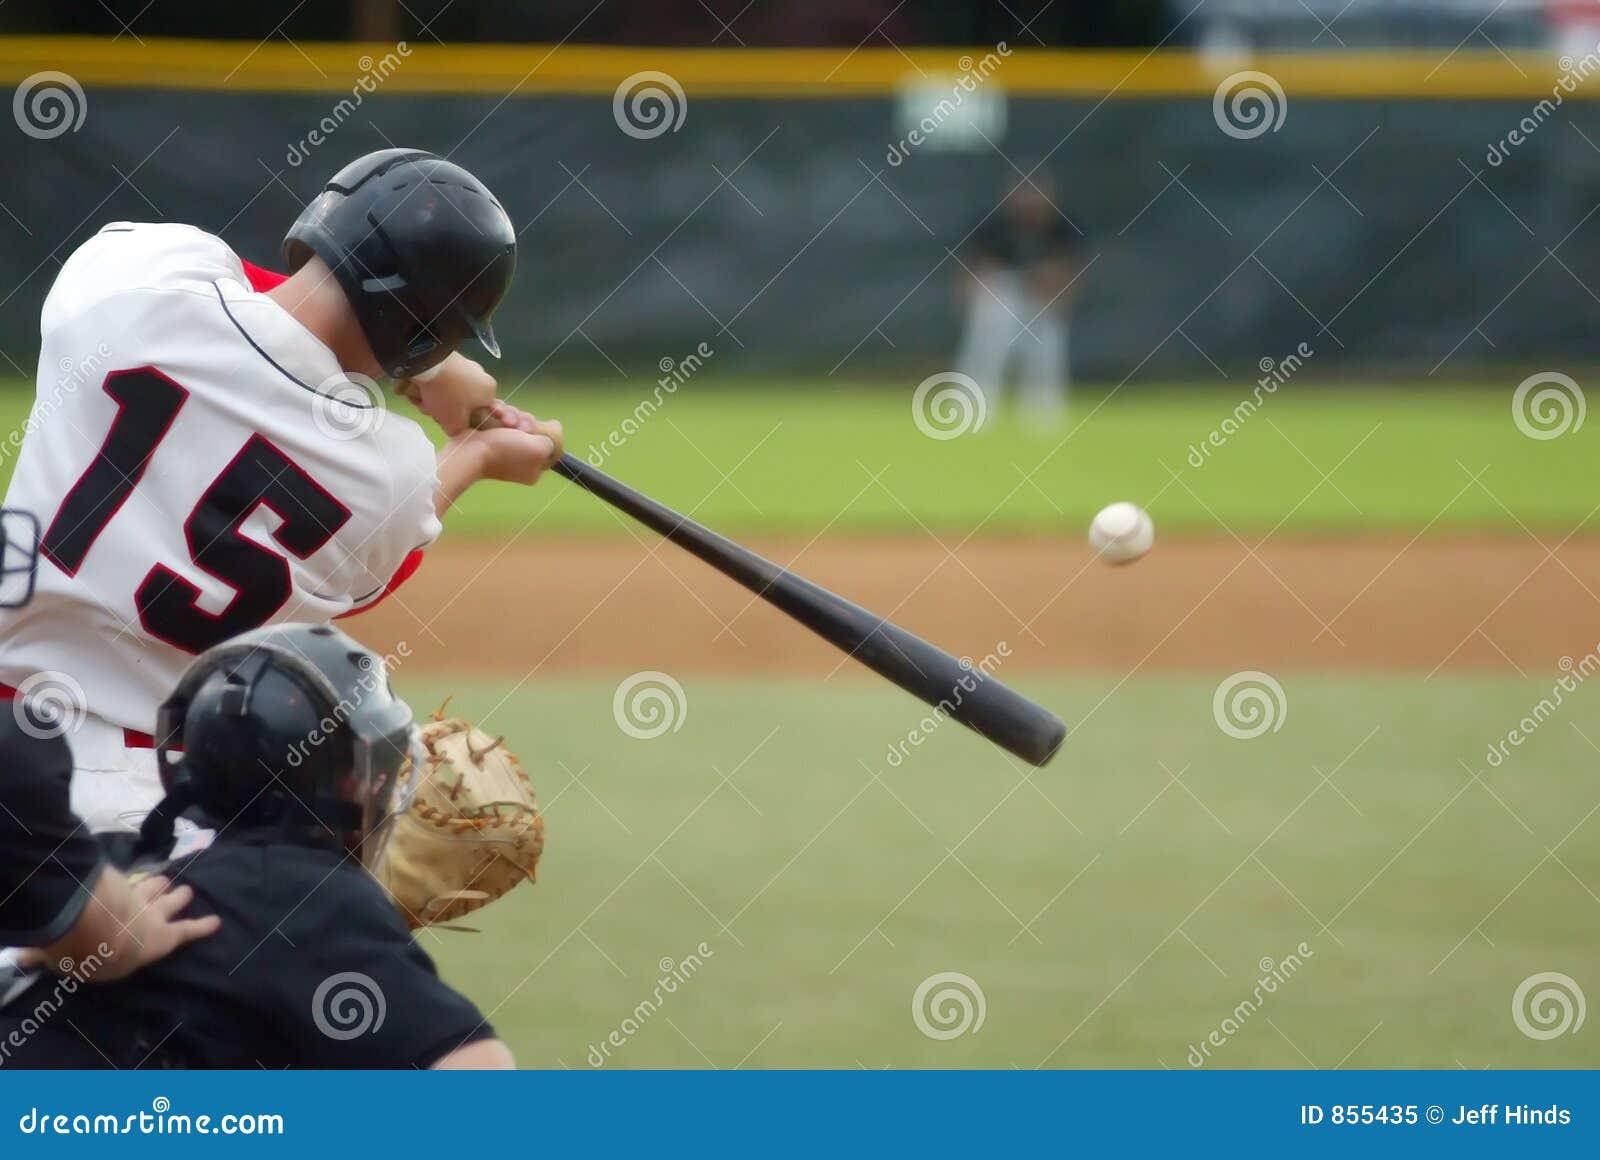 De Klap van het honkbal!